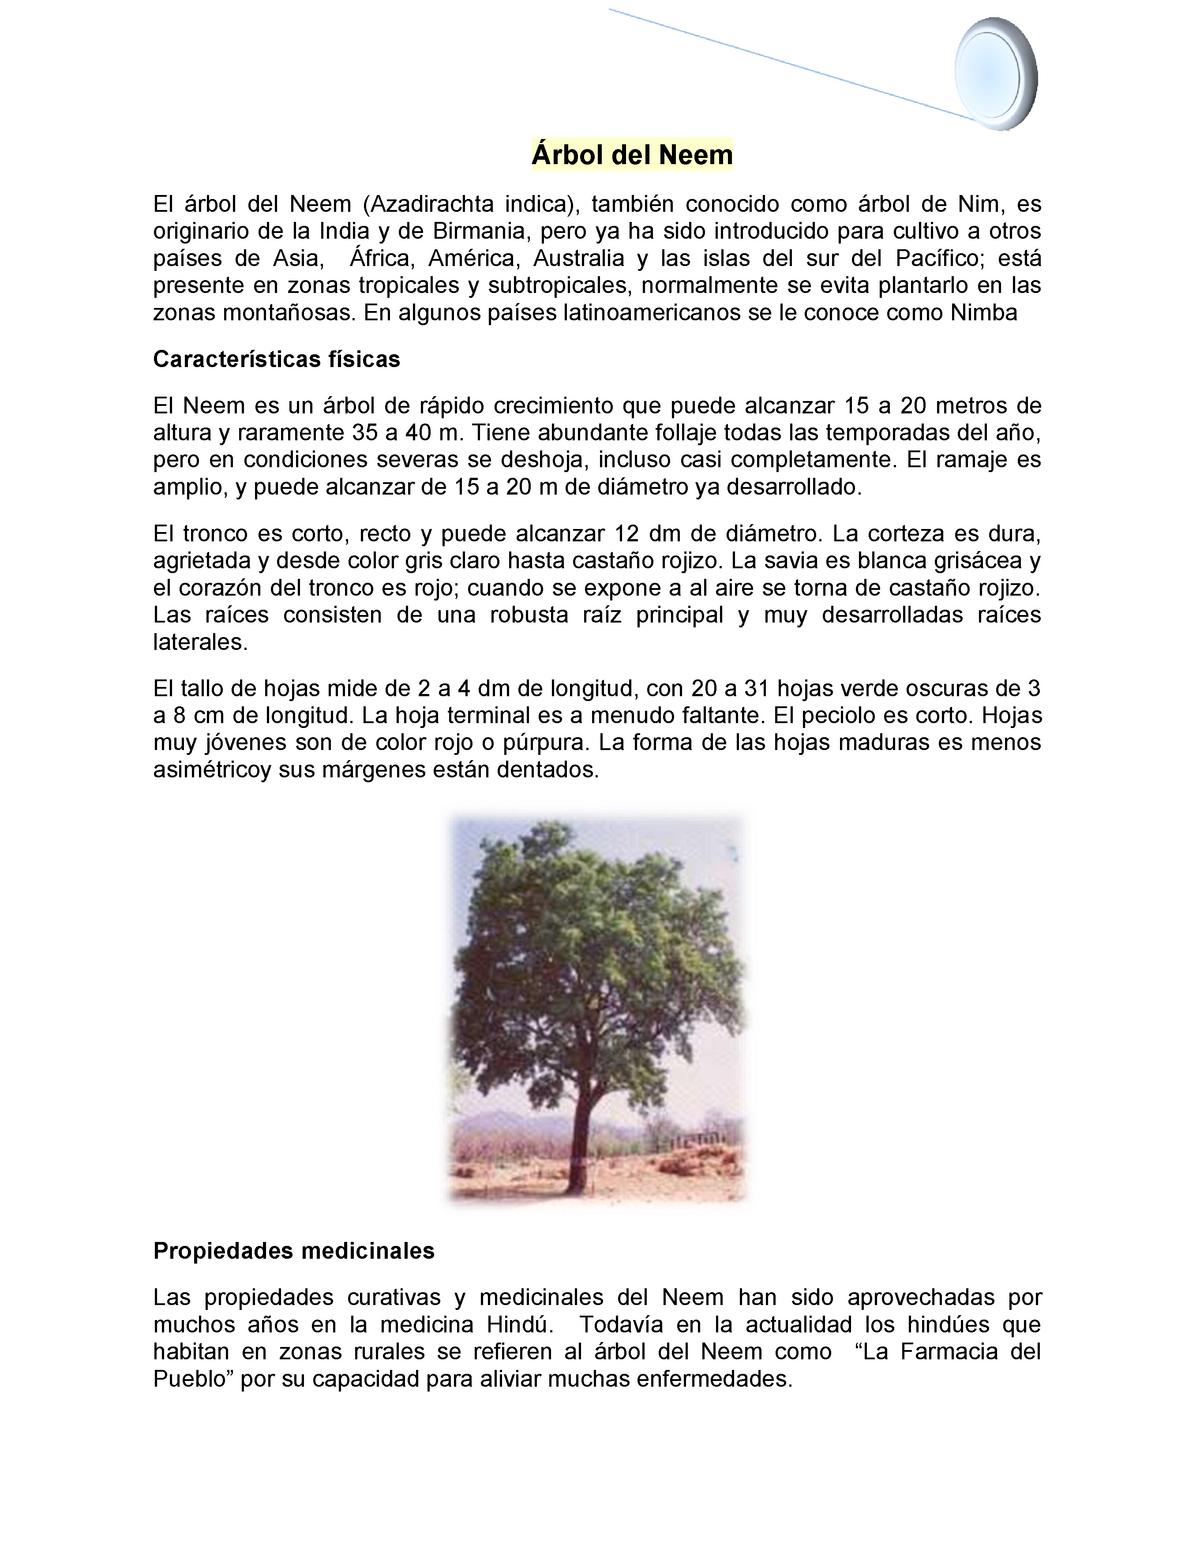 Arbol de neem y sus propiedades curativas